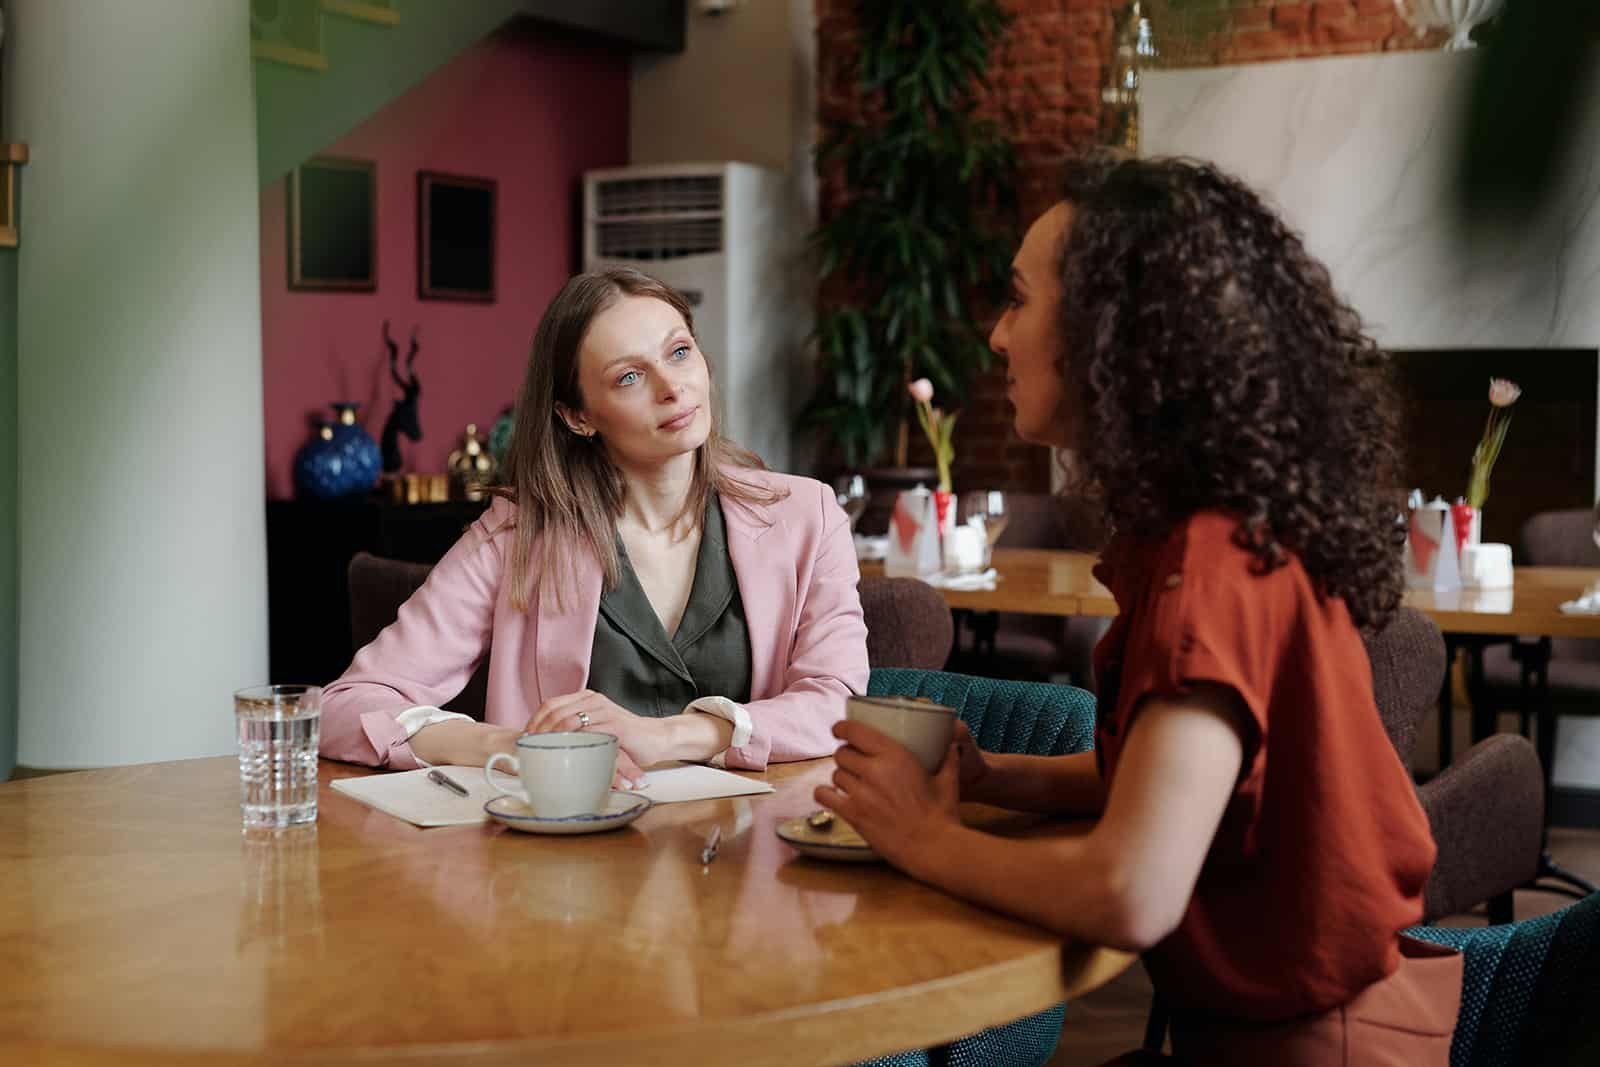 zwei Kolleginnen unterhalten sich während einer Pause beim gemeinsamen Kaffeetrinken